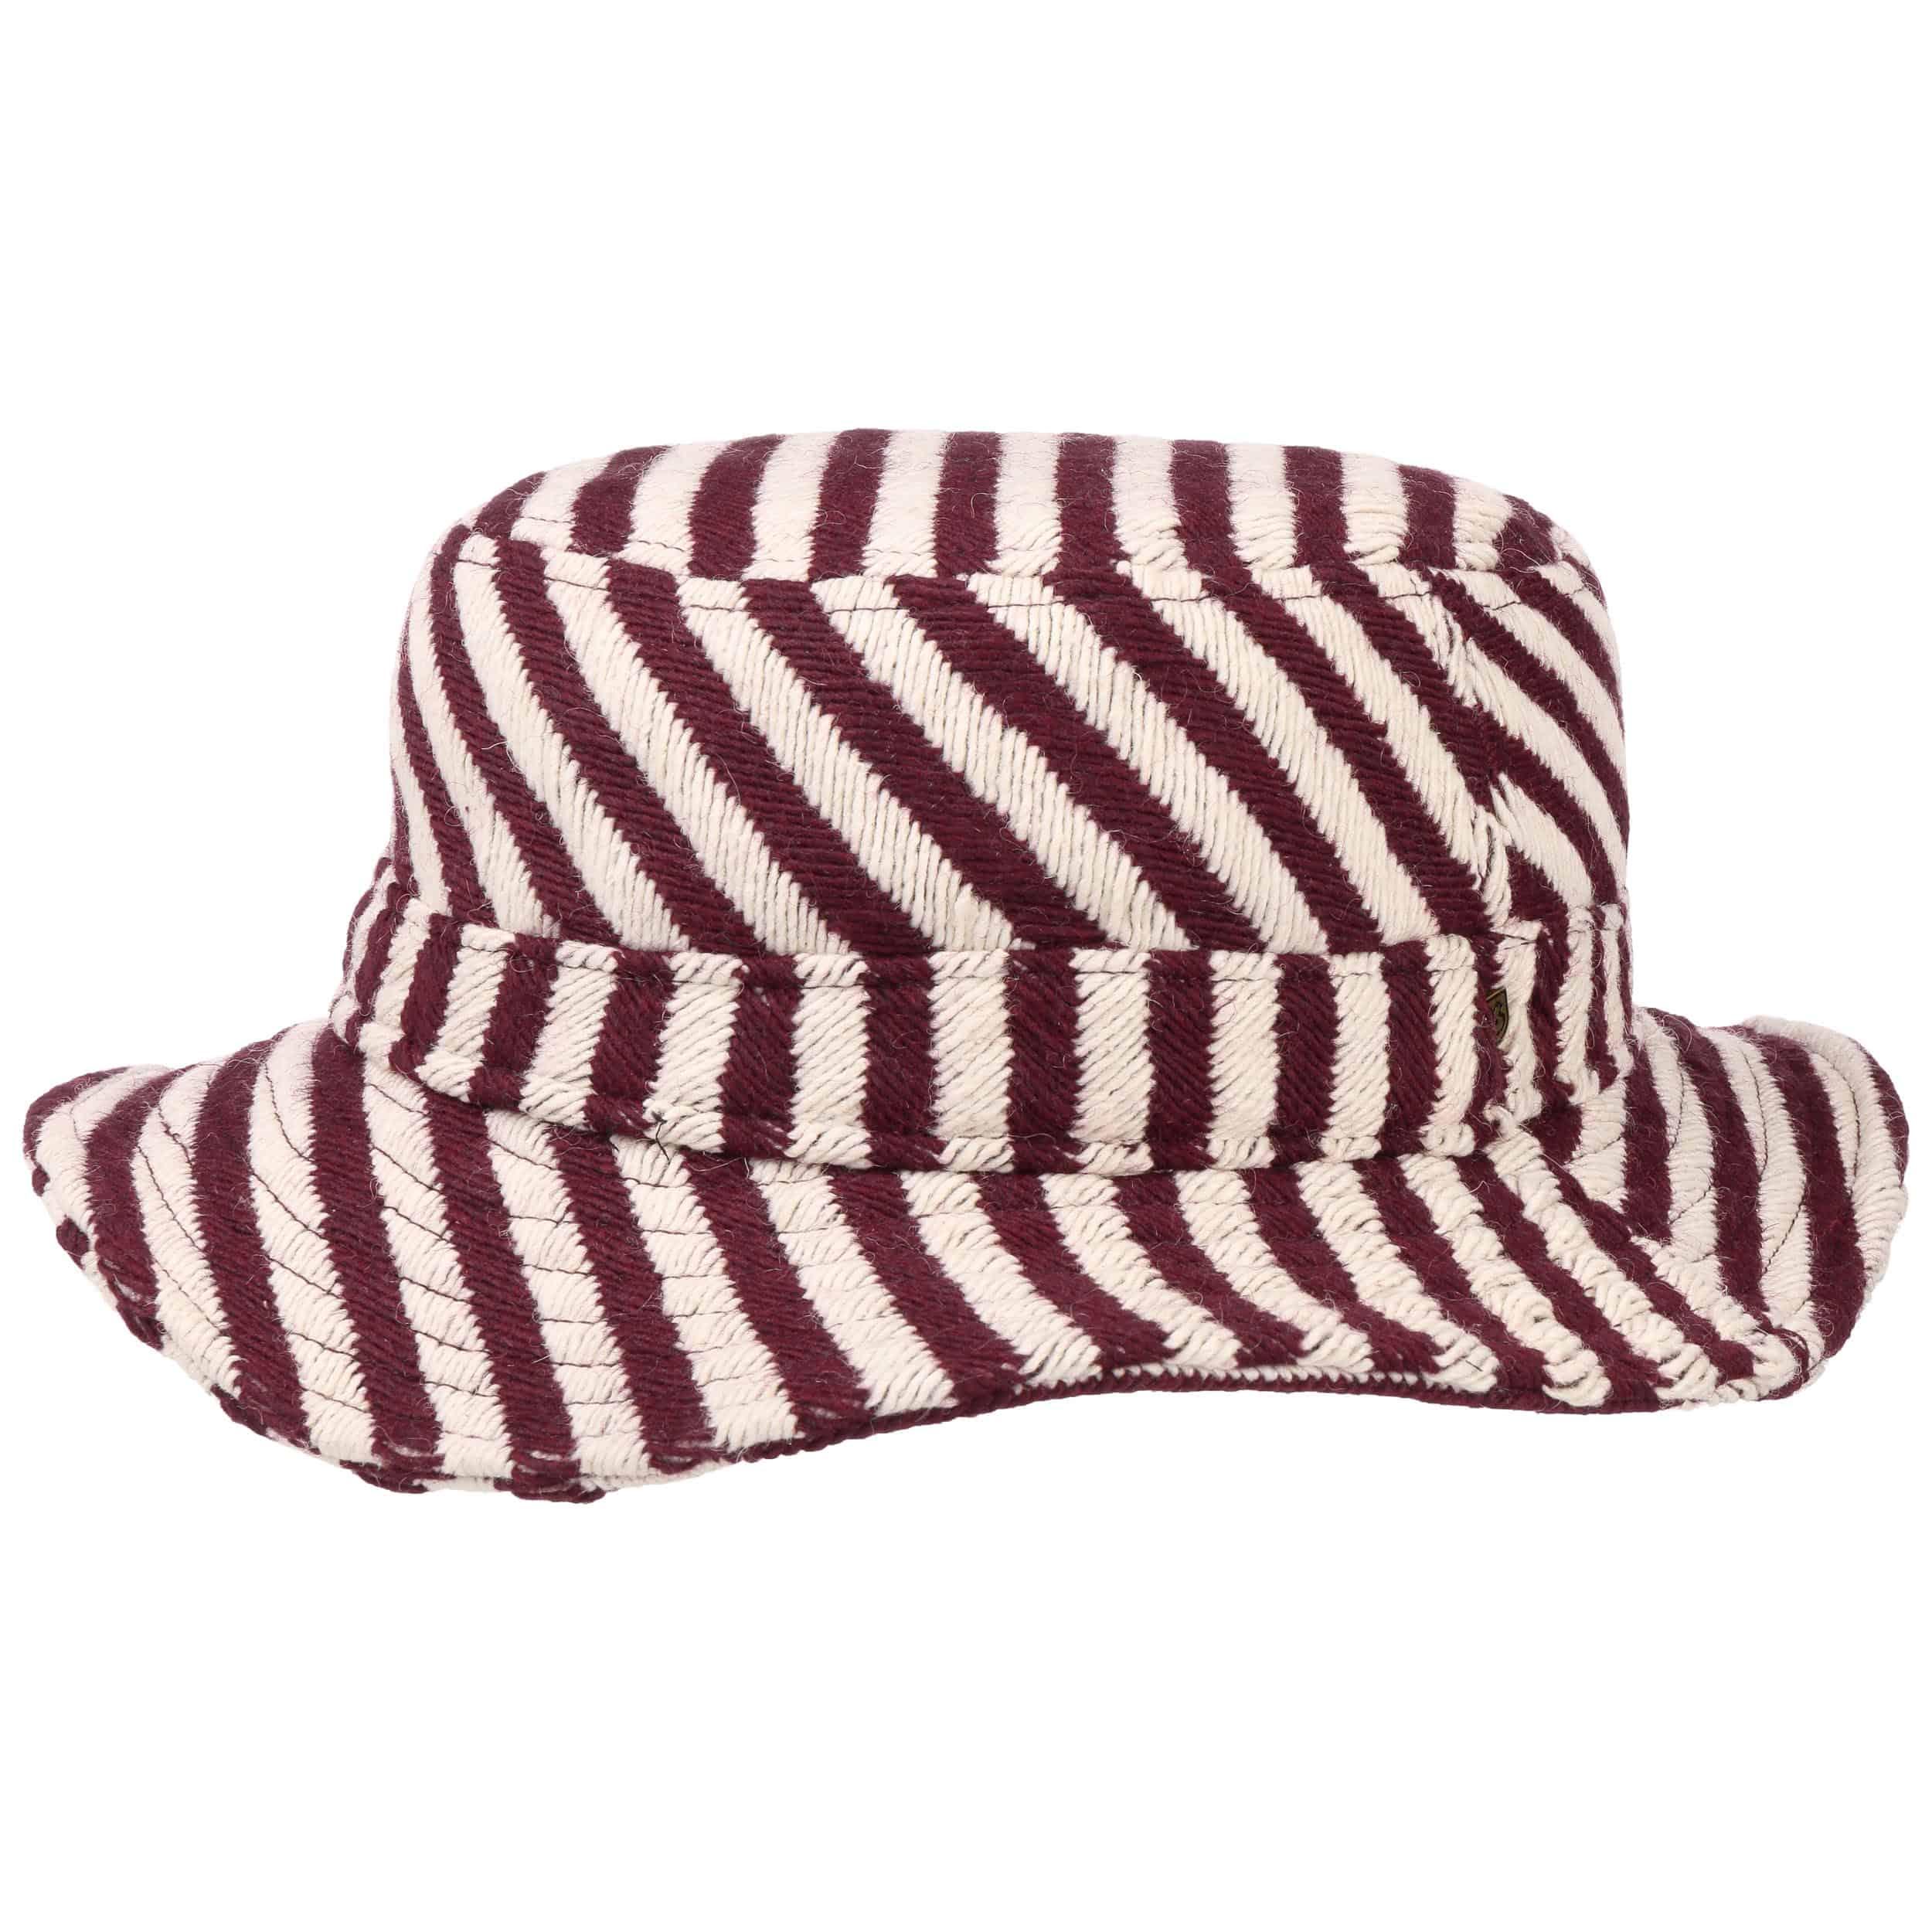 71c0896d9c03c 0b584 3755c  official store hardy stripe womens bucket hat by brixton  bordeaux 4 407db 43dec